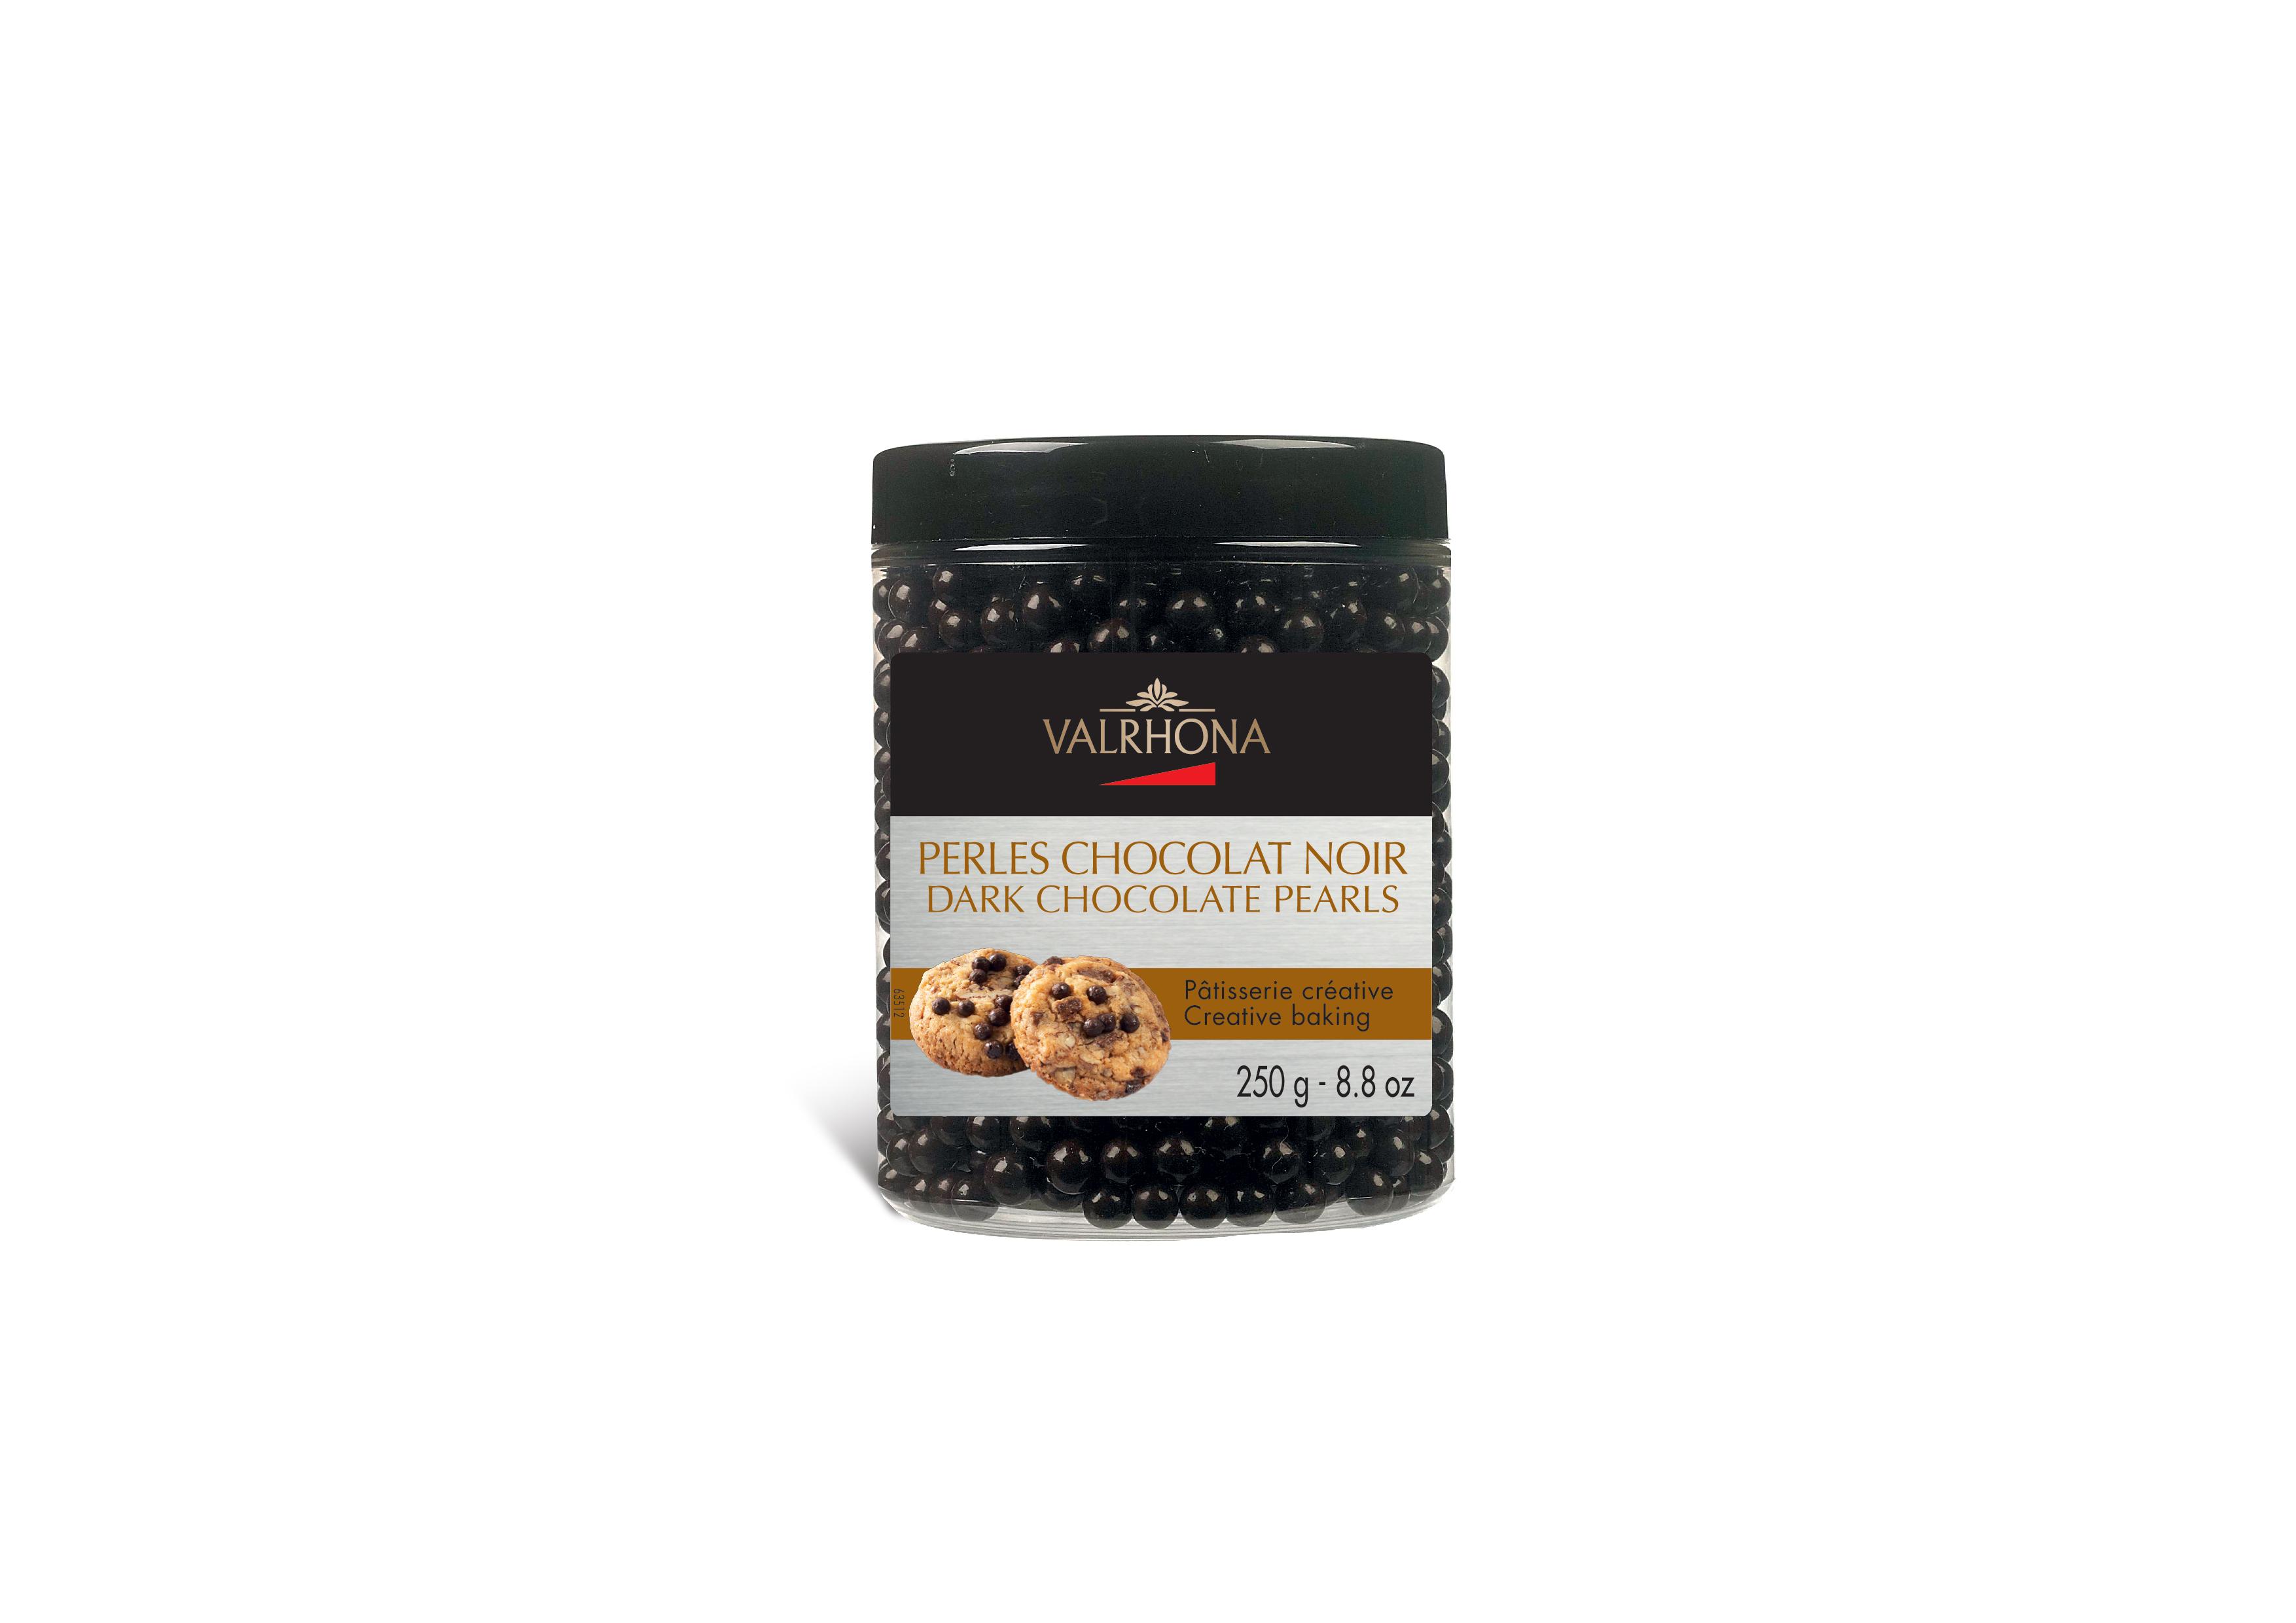 Perles de chocolat noir, Valrhona (250 g)